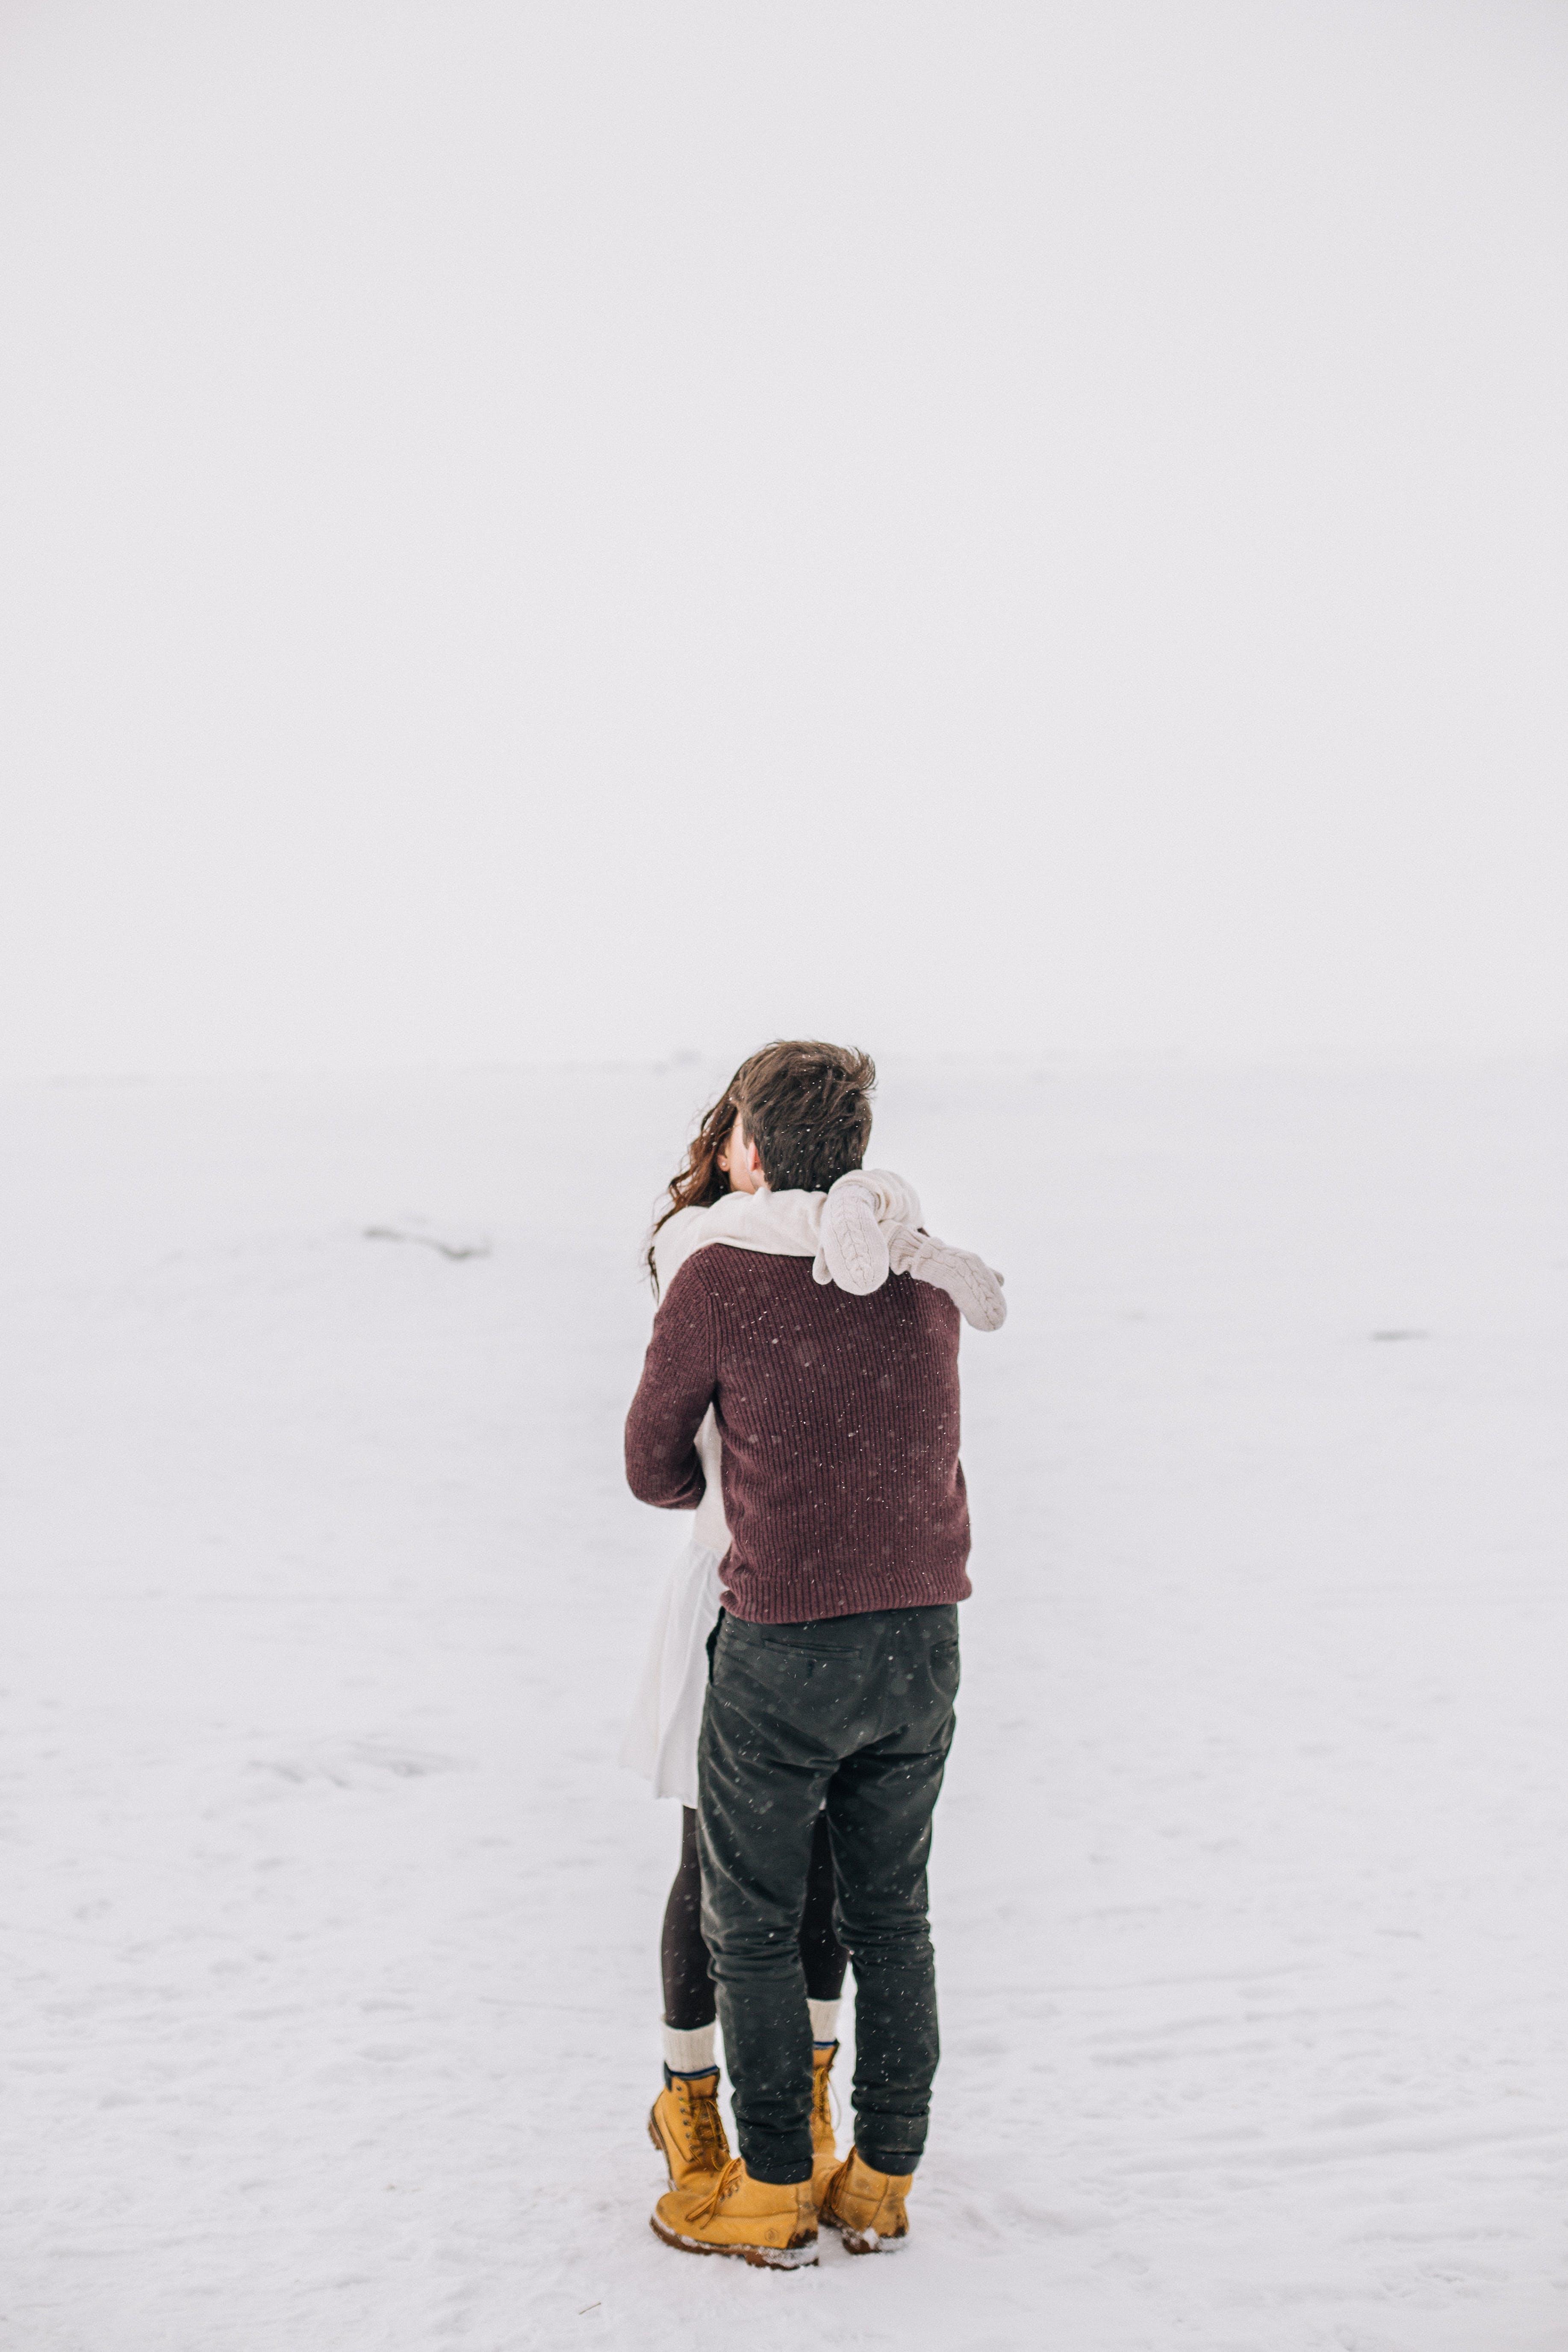 Kostenloses Stock Foto zu erwachsener, frau, freizeit, glück